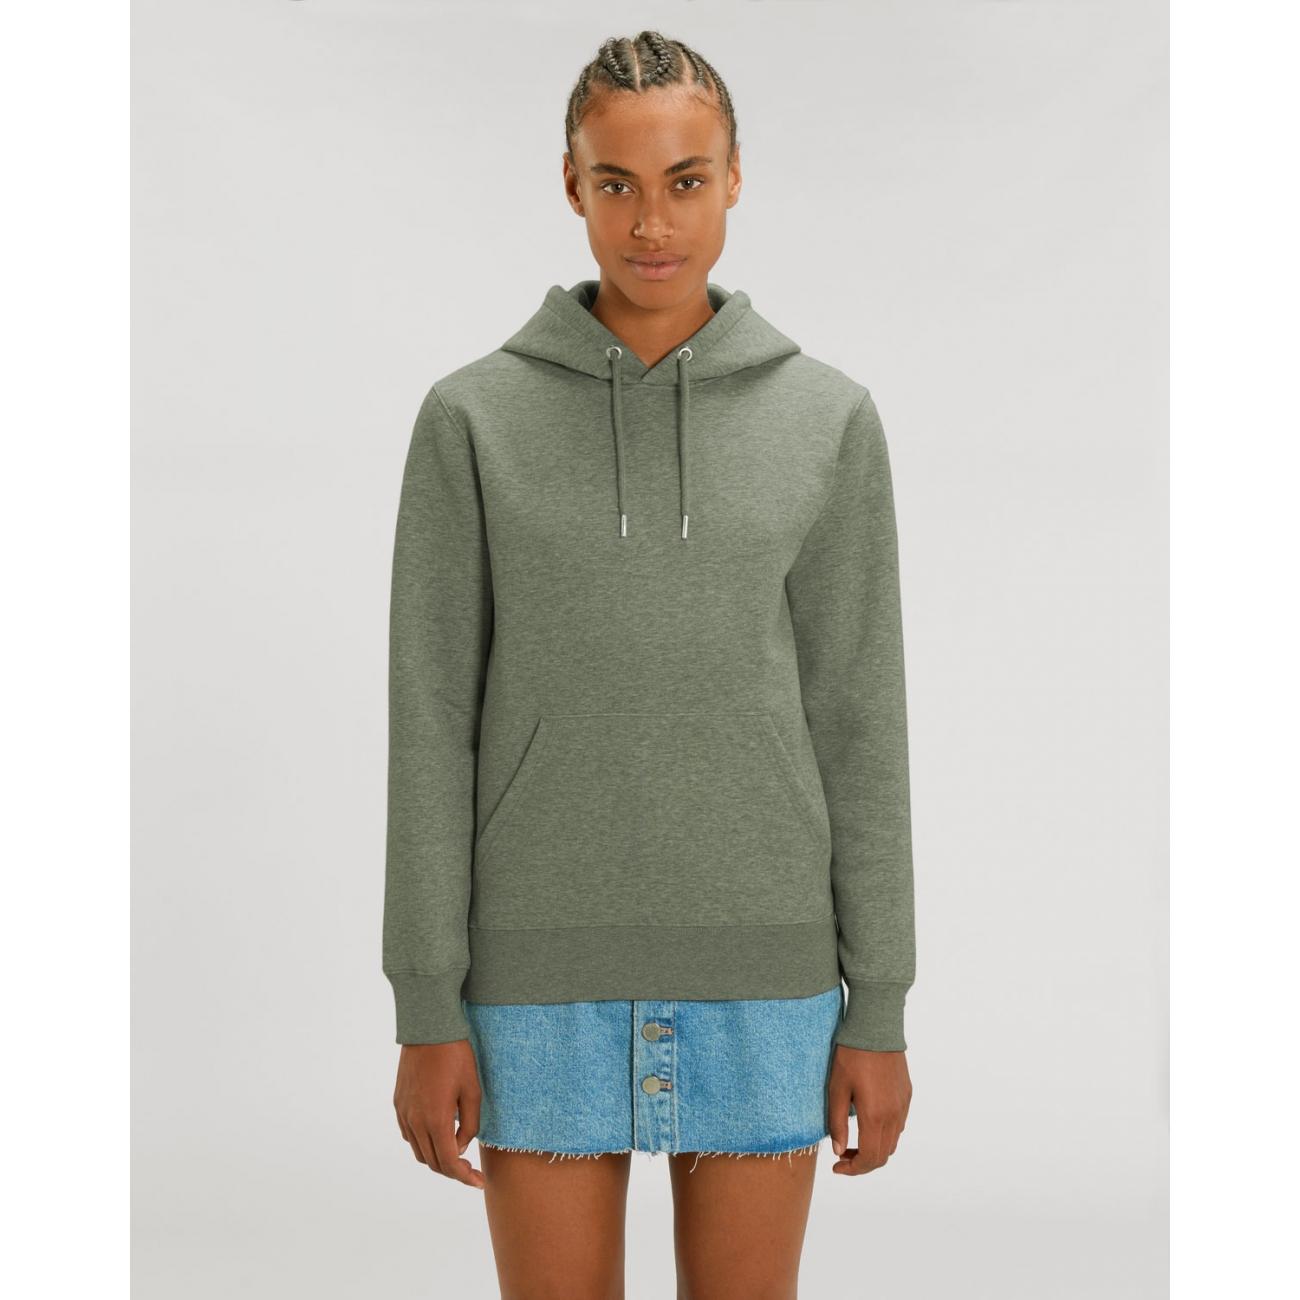 https://tee-shirt-bio.com/10099-thickbox_default/sweat-shirt-femme-capuche-epais-et-interieur-doux-coton-bio-kaki-chine.jpg